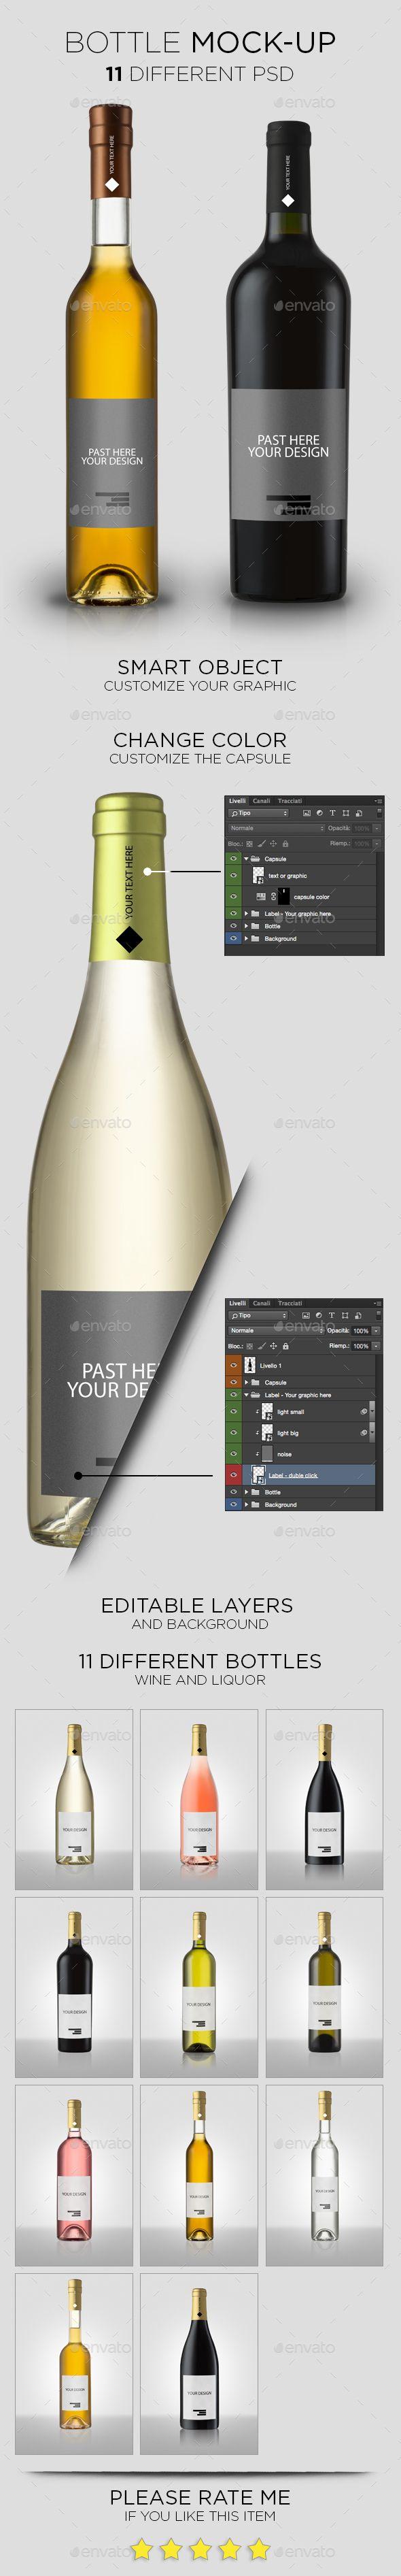 Download Bottle Mock Up Professional Shoe Box Mockup Fully Customizable Design Identity Mockup Productmockup Packaging Shoebox Bottle Mockup Bottle Wine Bottle